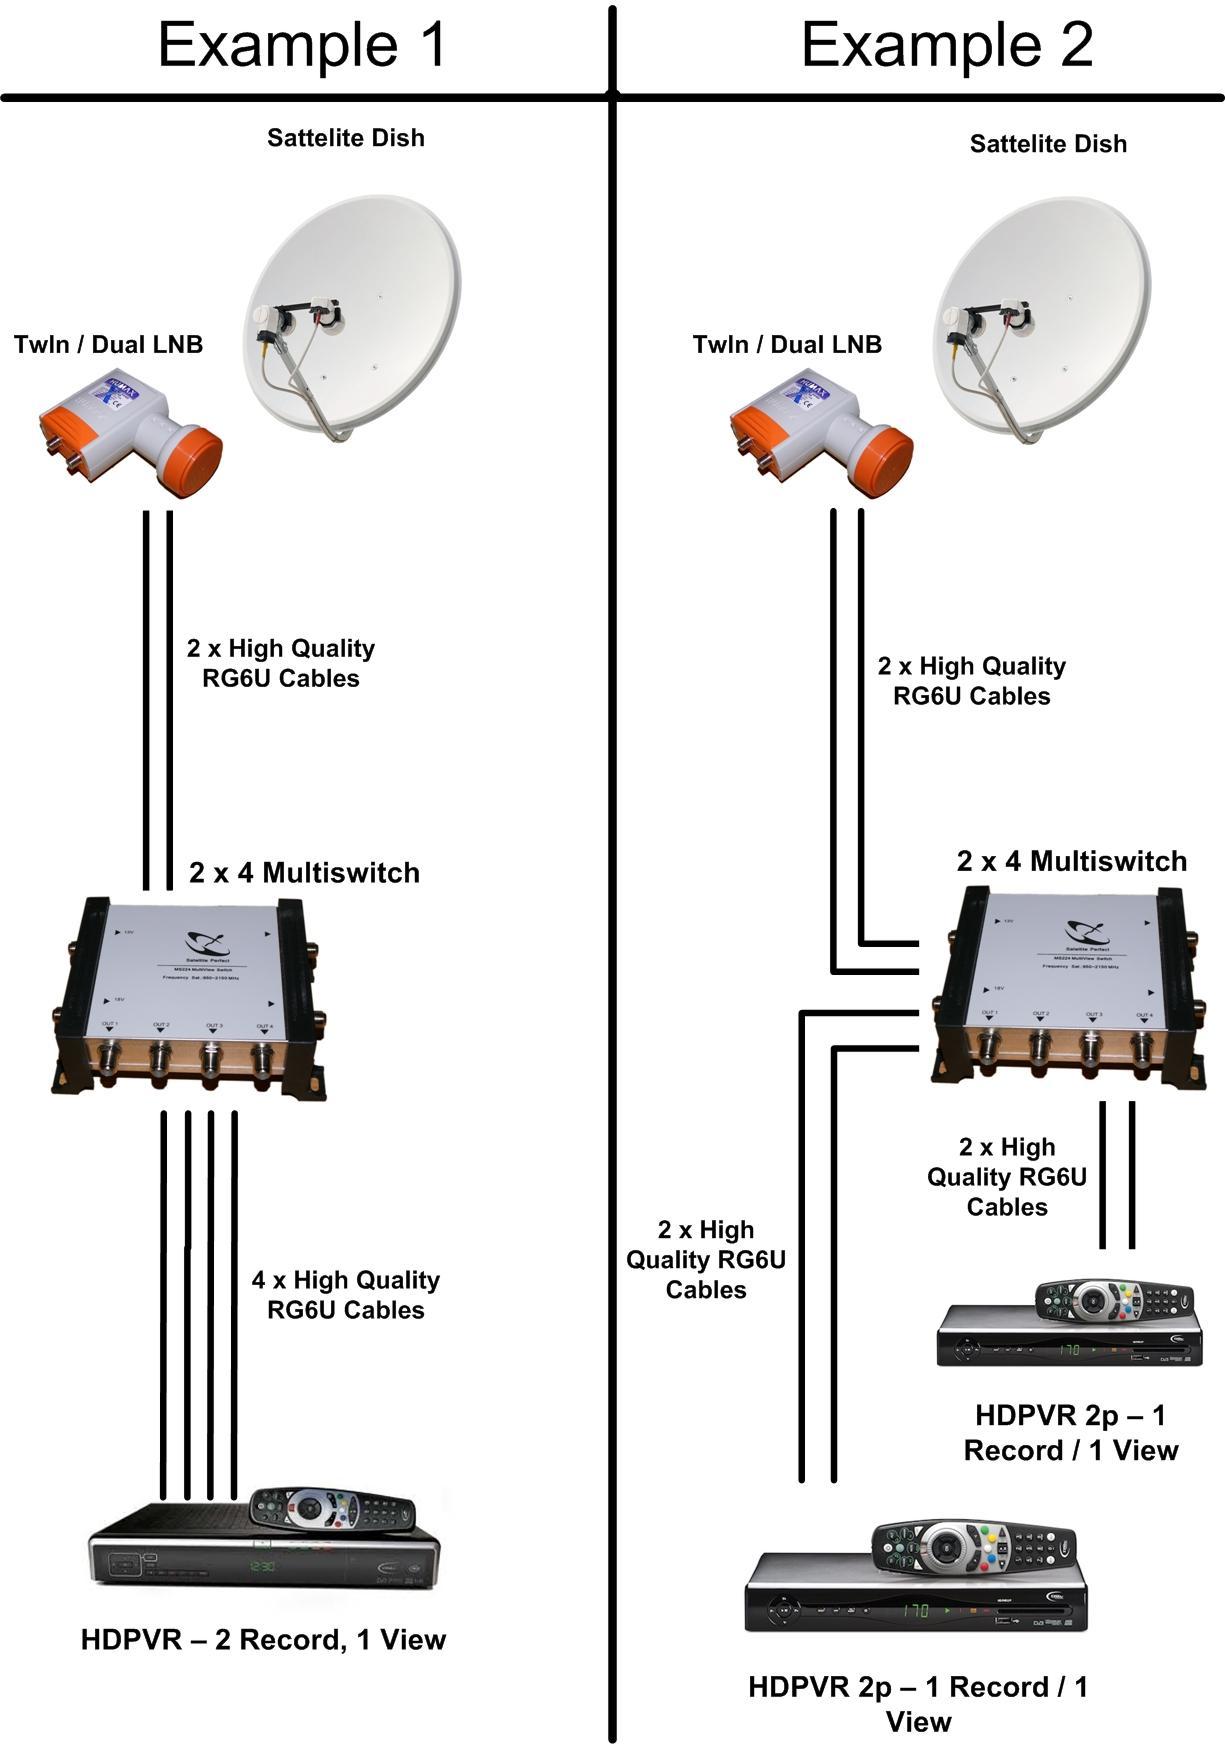 Marvelous Xtraview Installation Setup Instruction Pta Dstv Wiring Cloud Cranvenetmohammedshrineorg